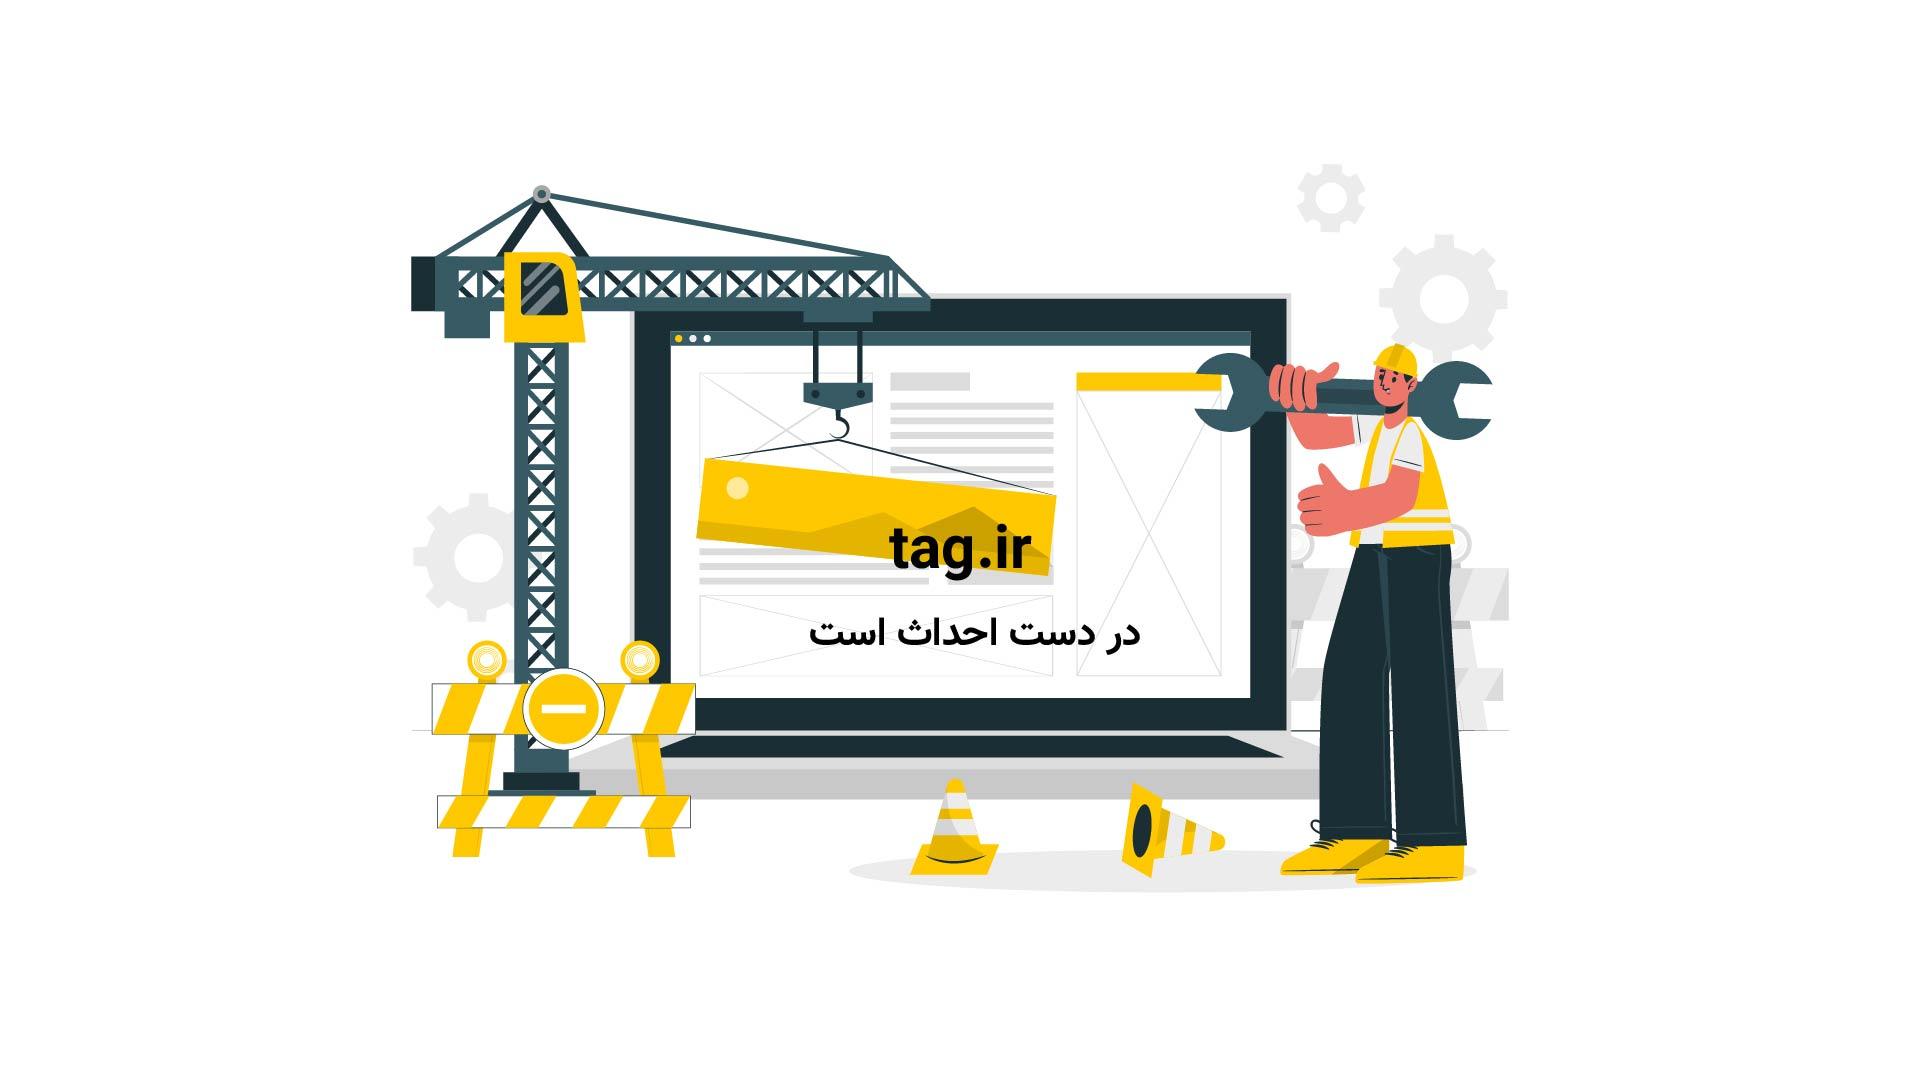 دریاچه چورت | تگ